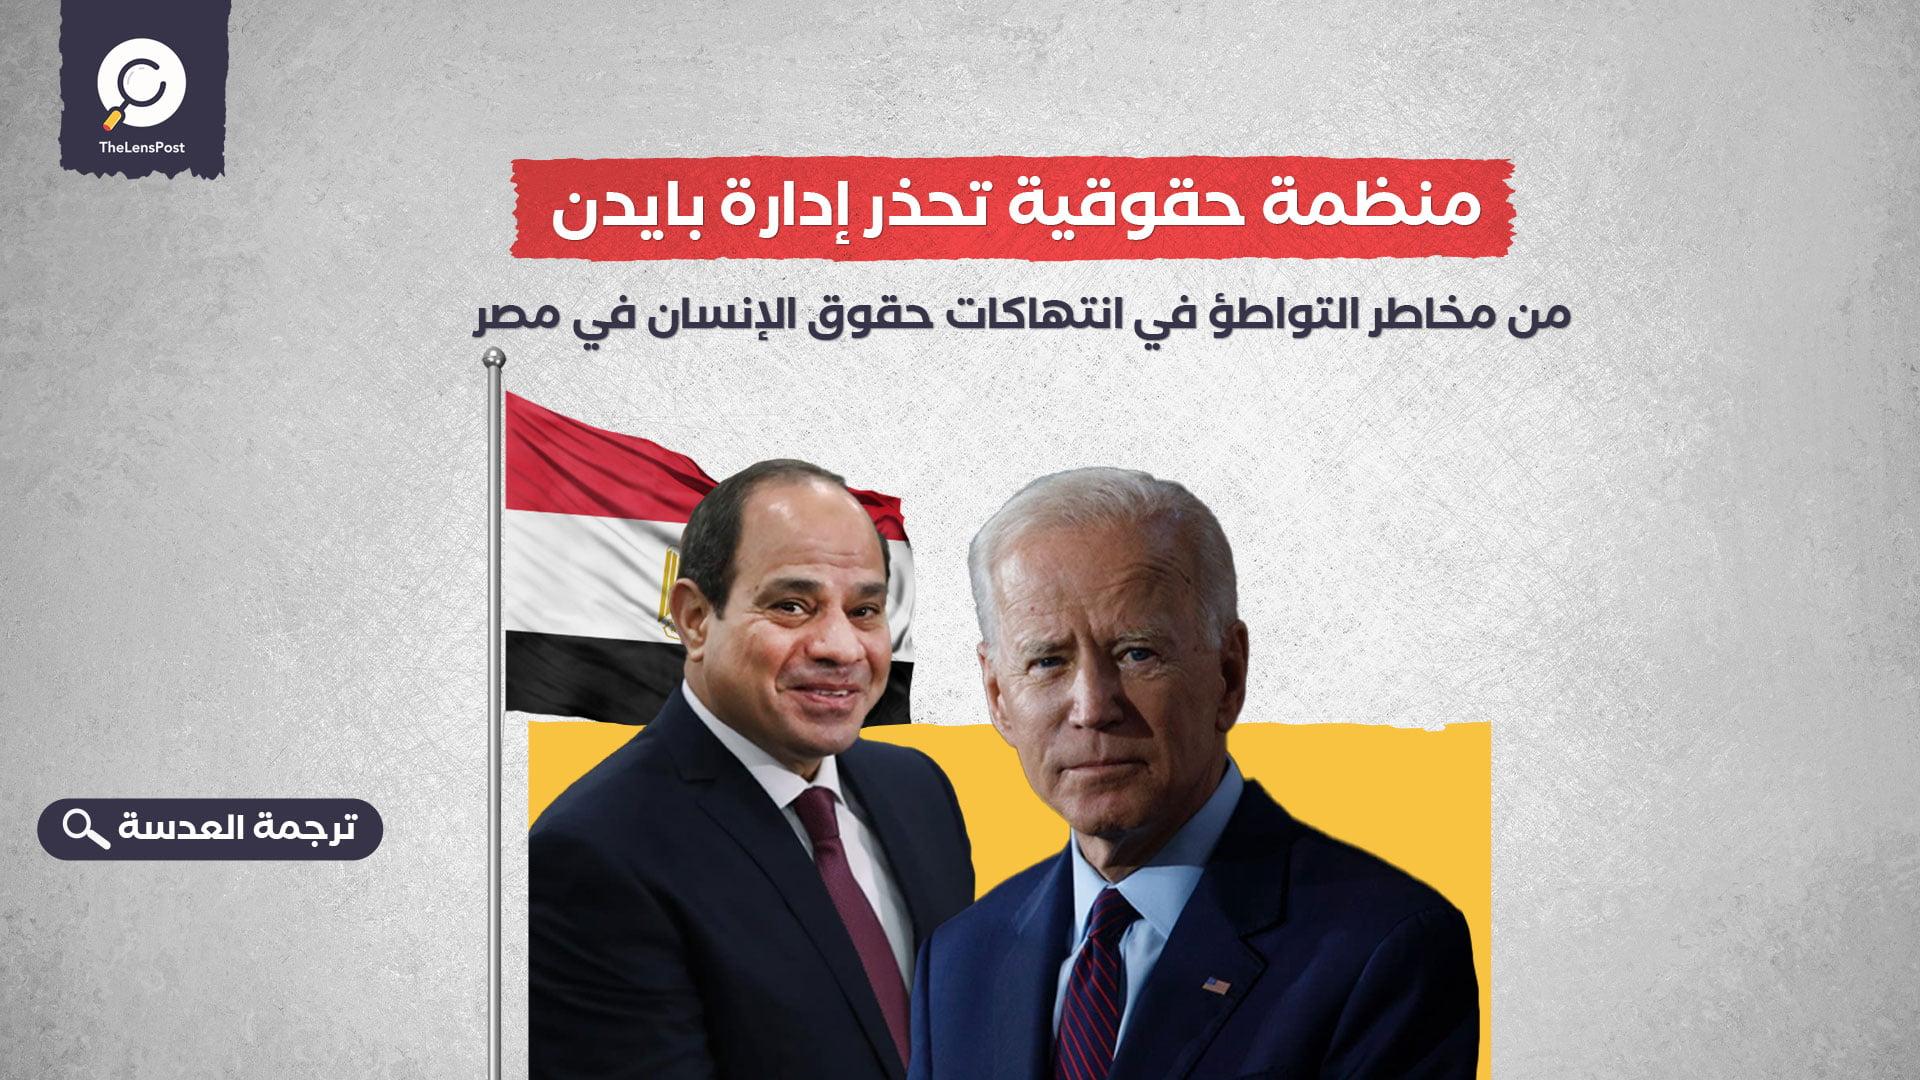 منظمة حقوقية تحذر إدارة بايدن من مخاطر التواطؤ في انتهاكات حقوق الإنسان في مصر